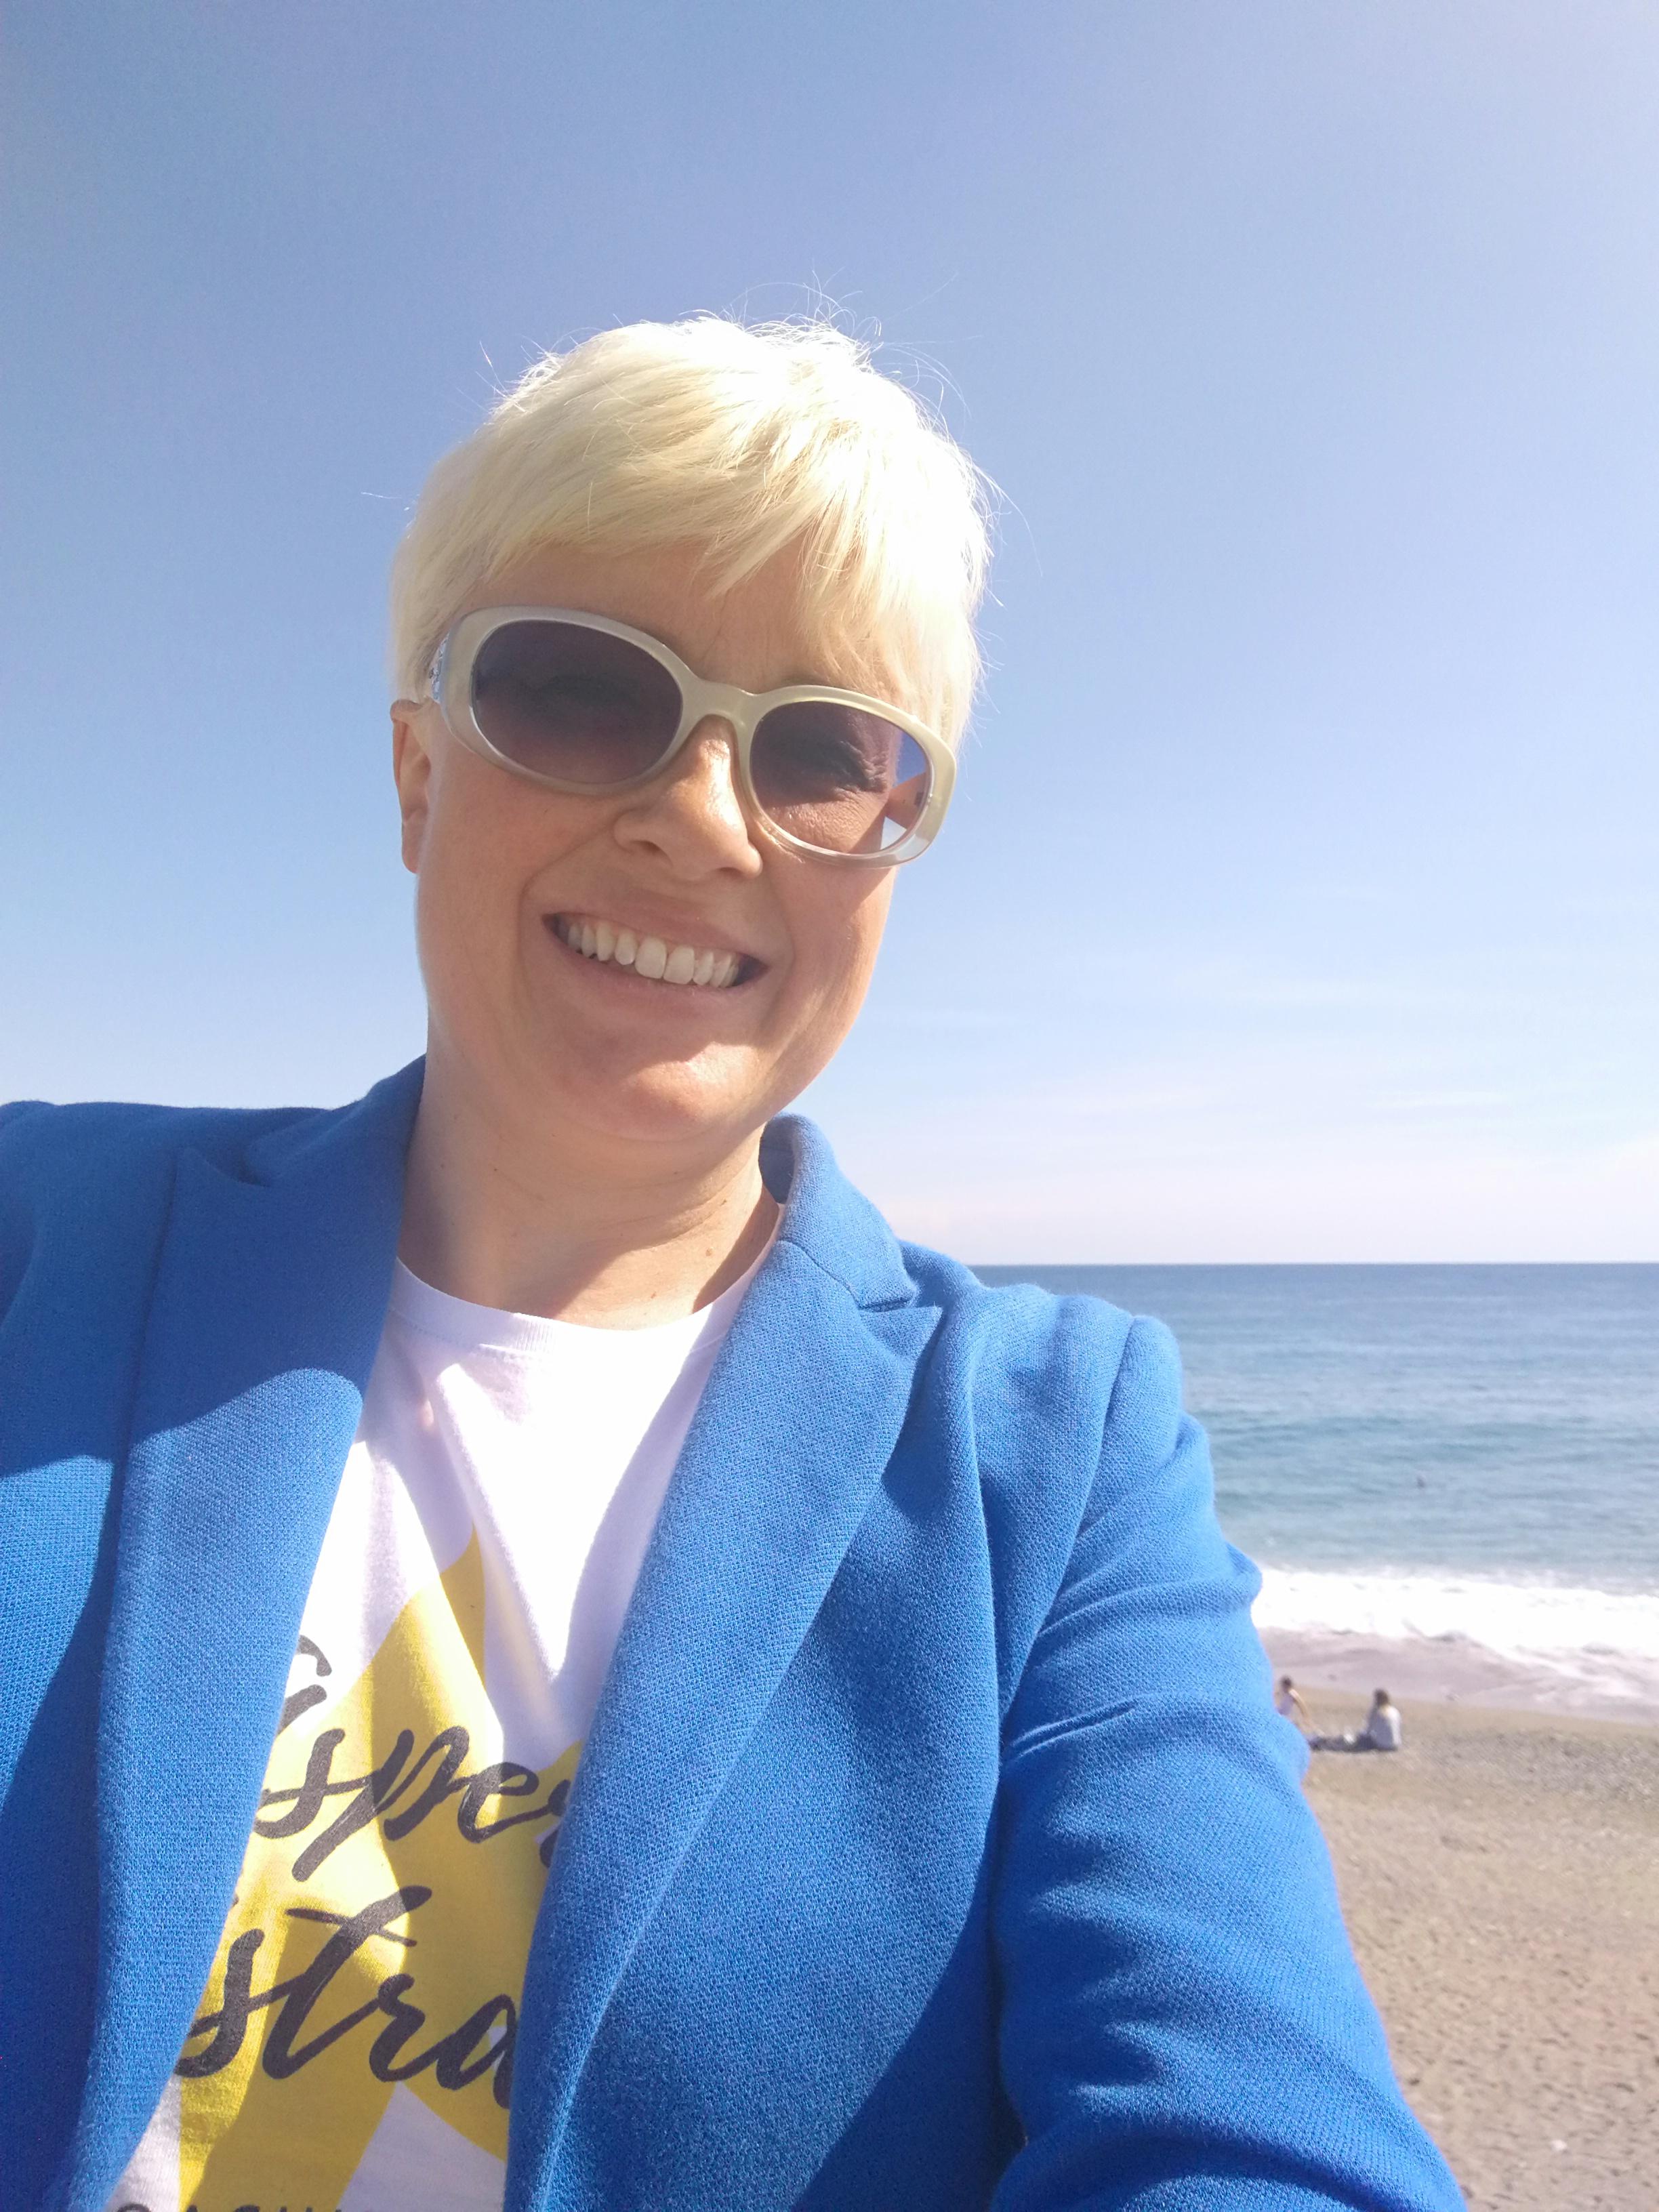 Una giornata splendida e il mare